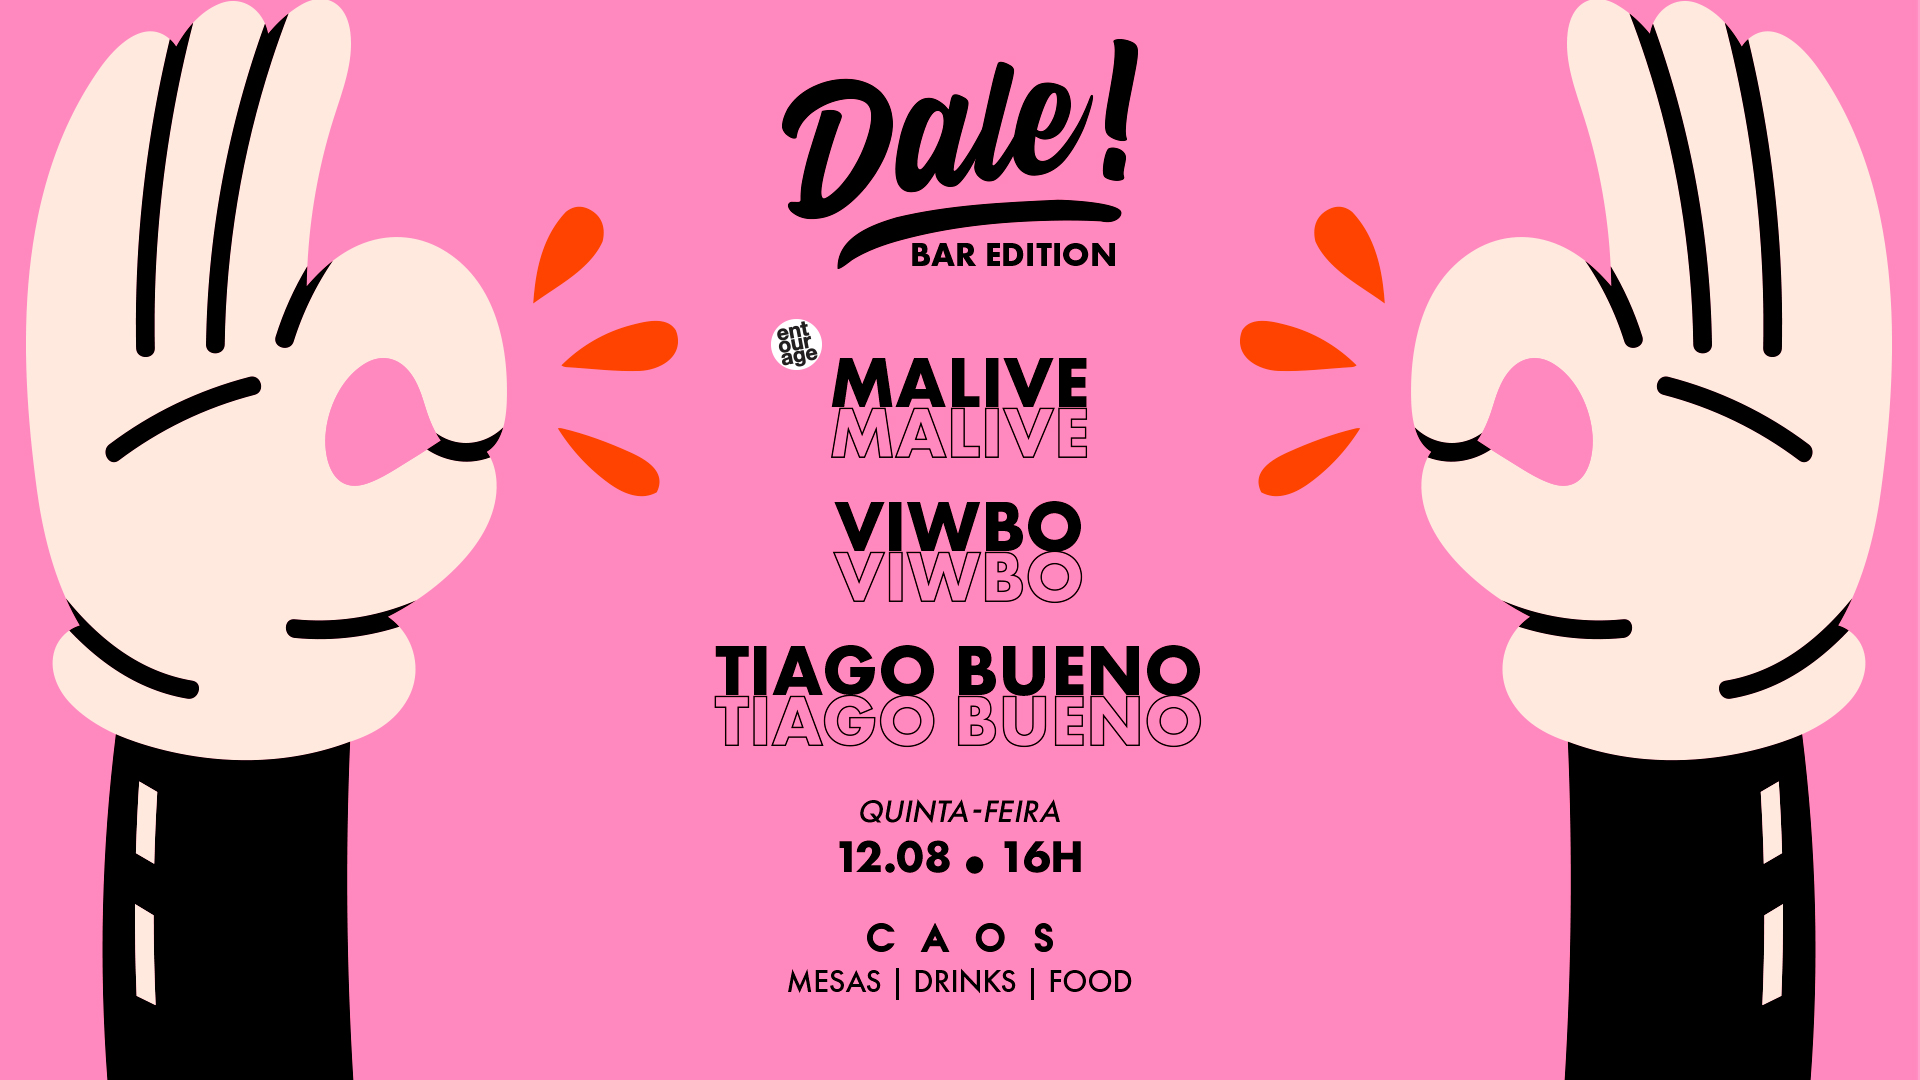 Dale! apresenta Malive